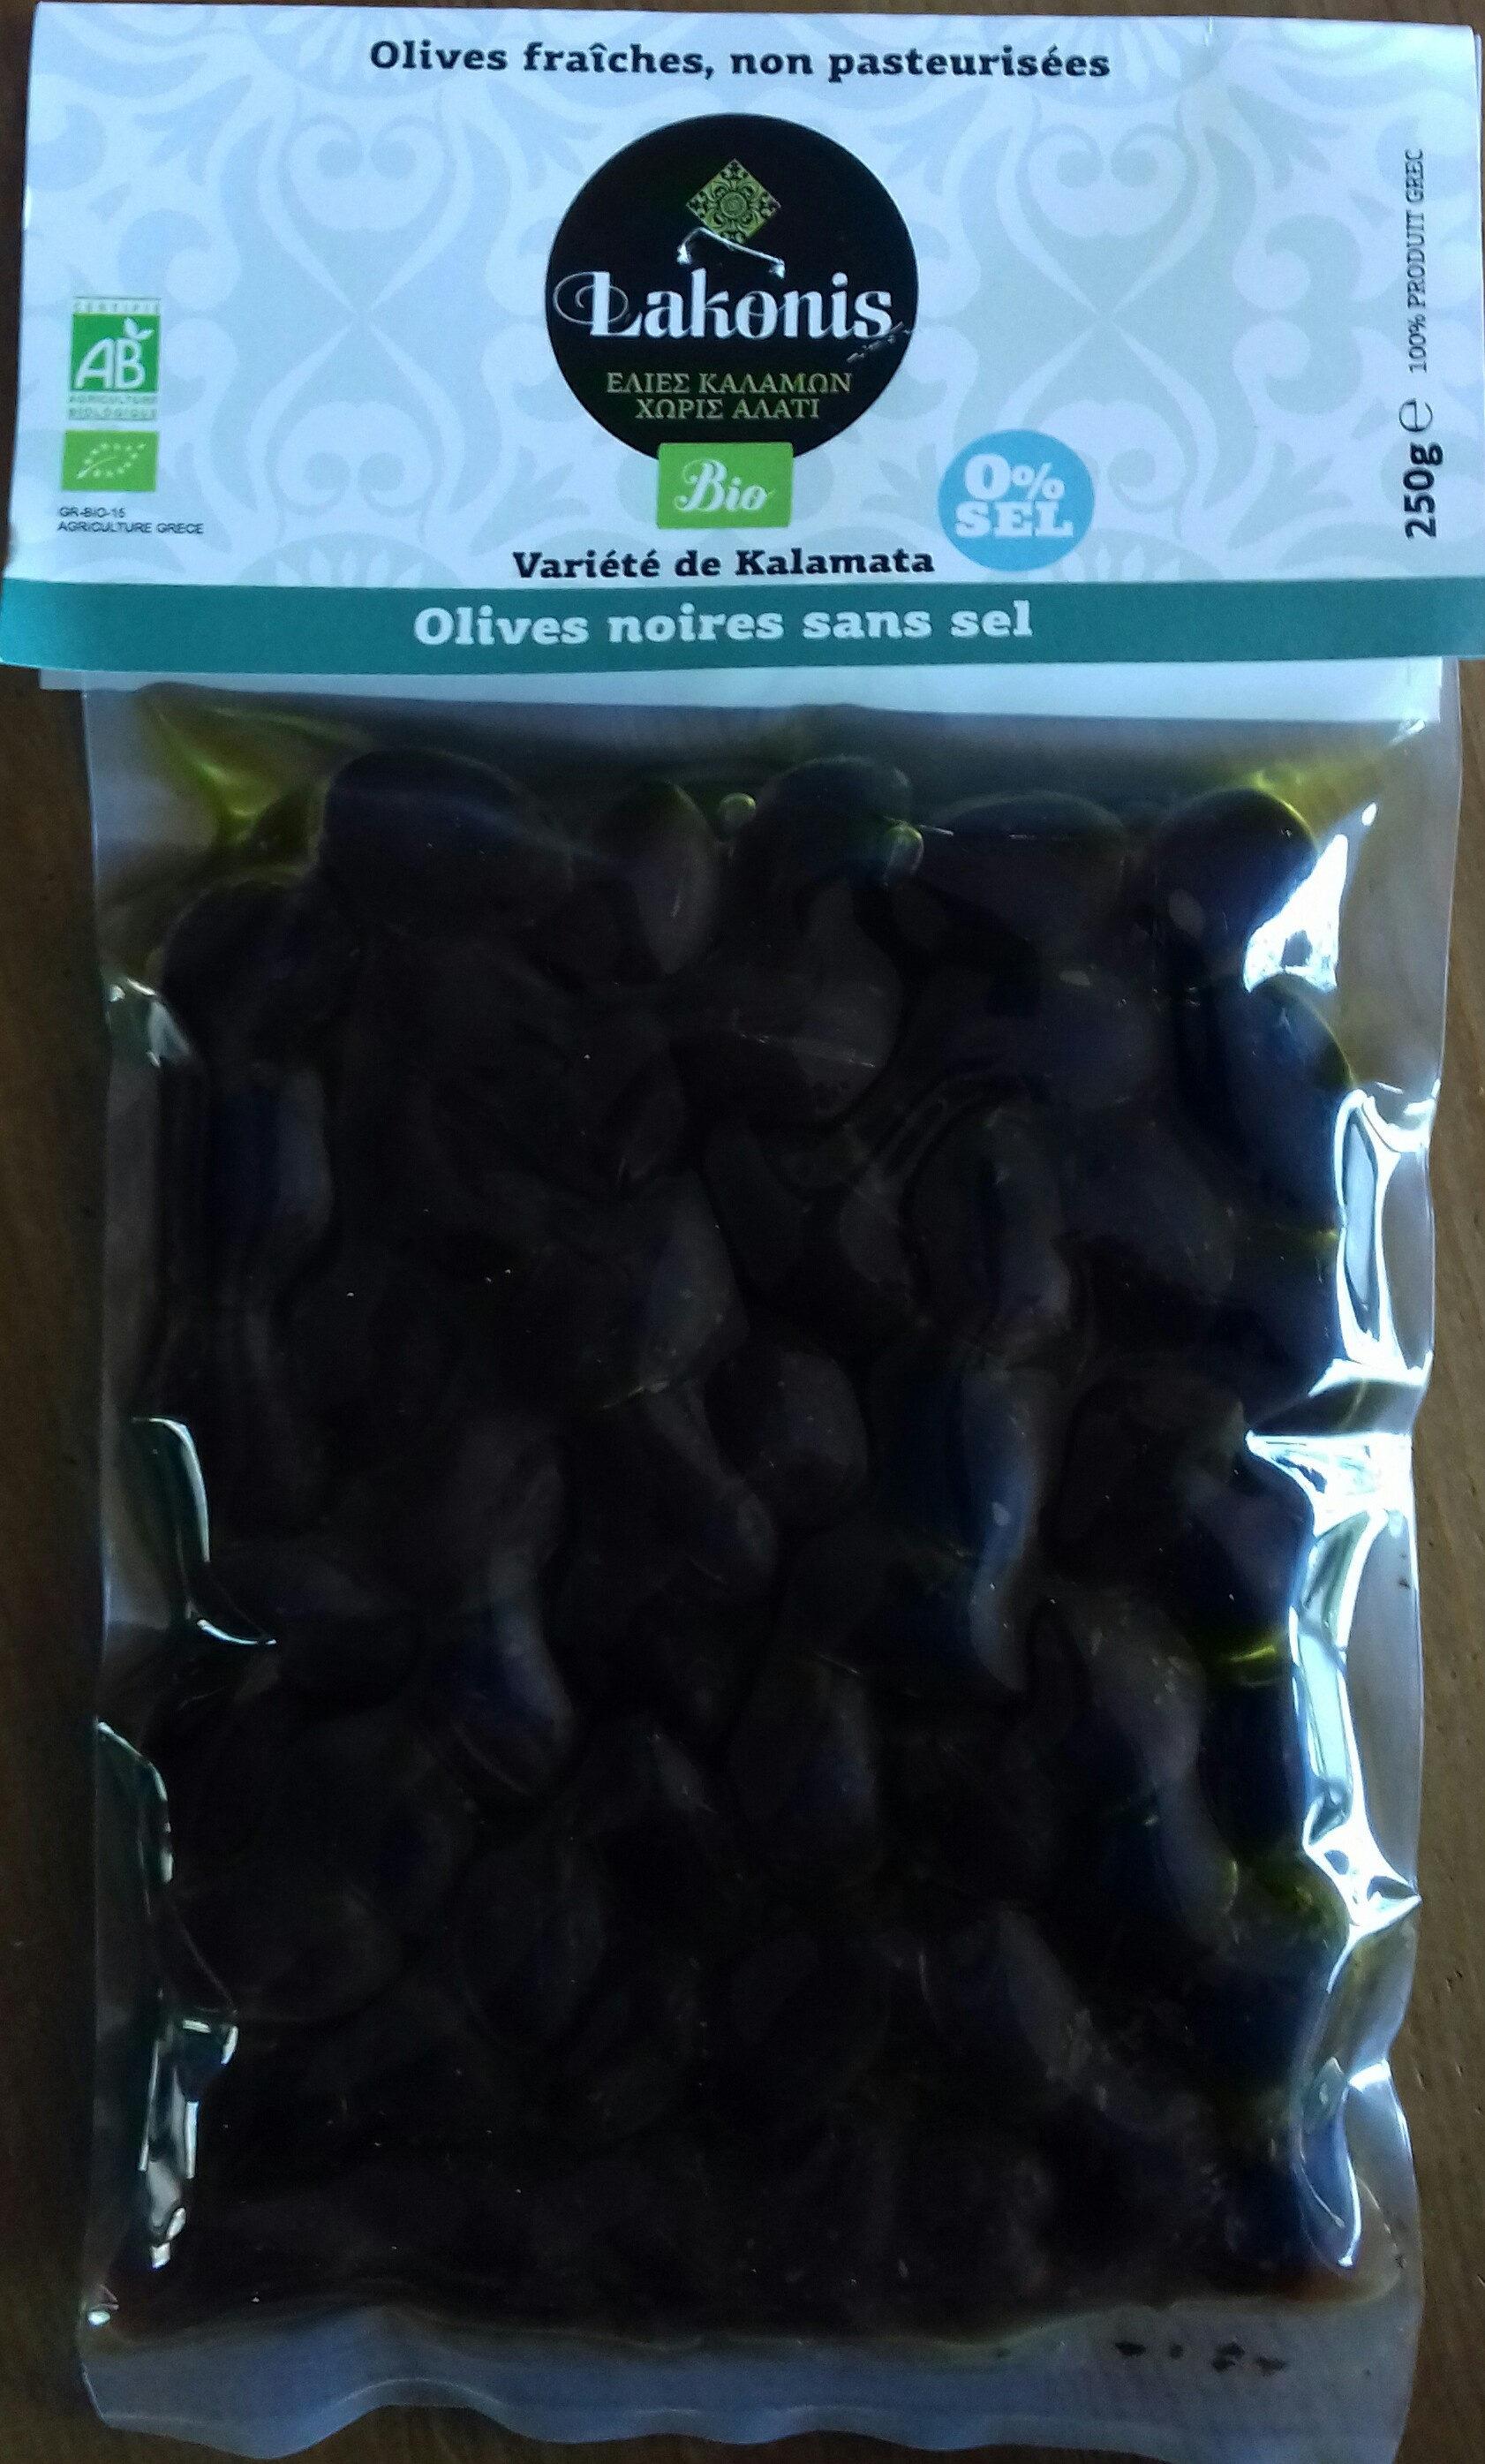 Olives noires sans sel - Product - fr